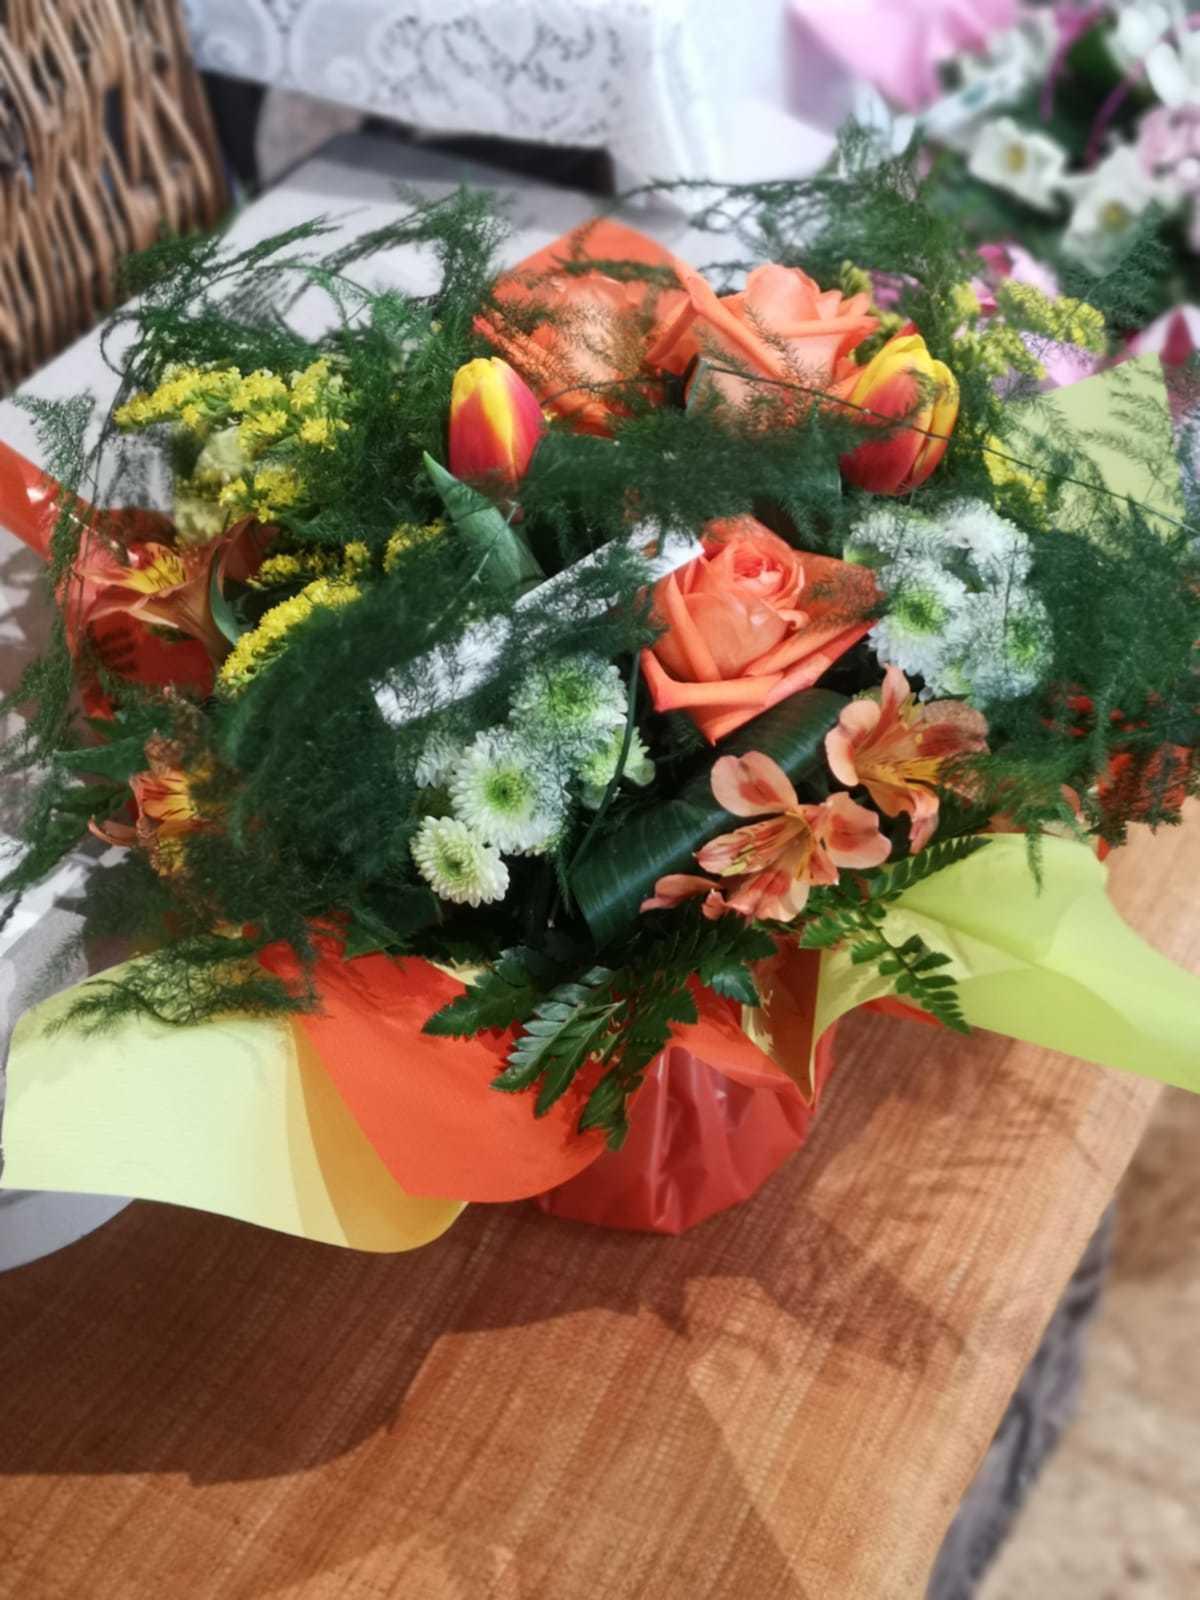 Galerie d'image - Ets Nicolas fleurs